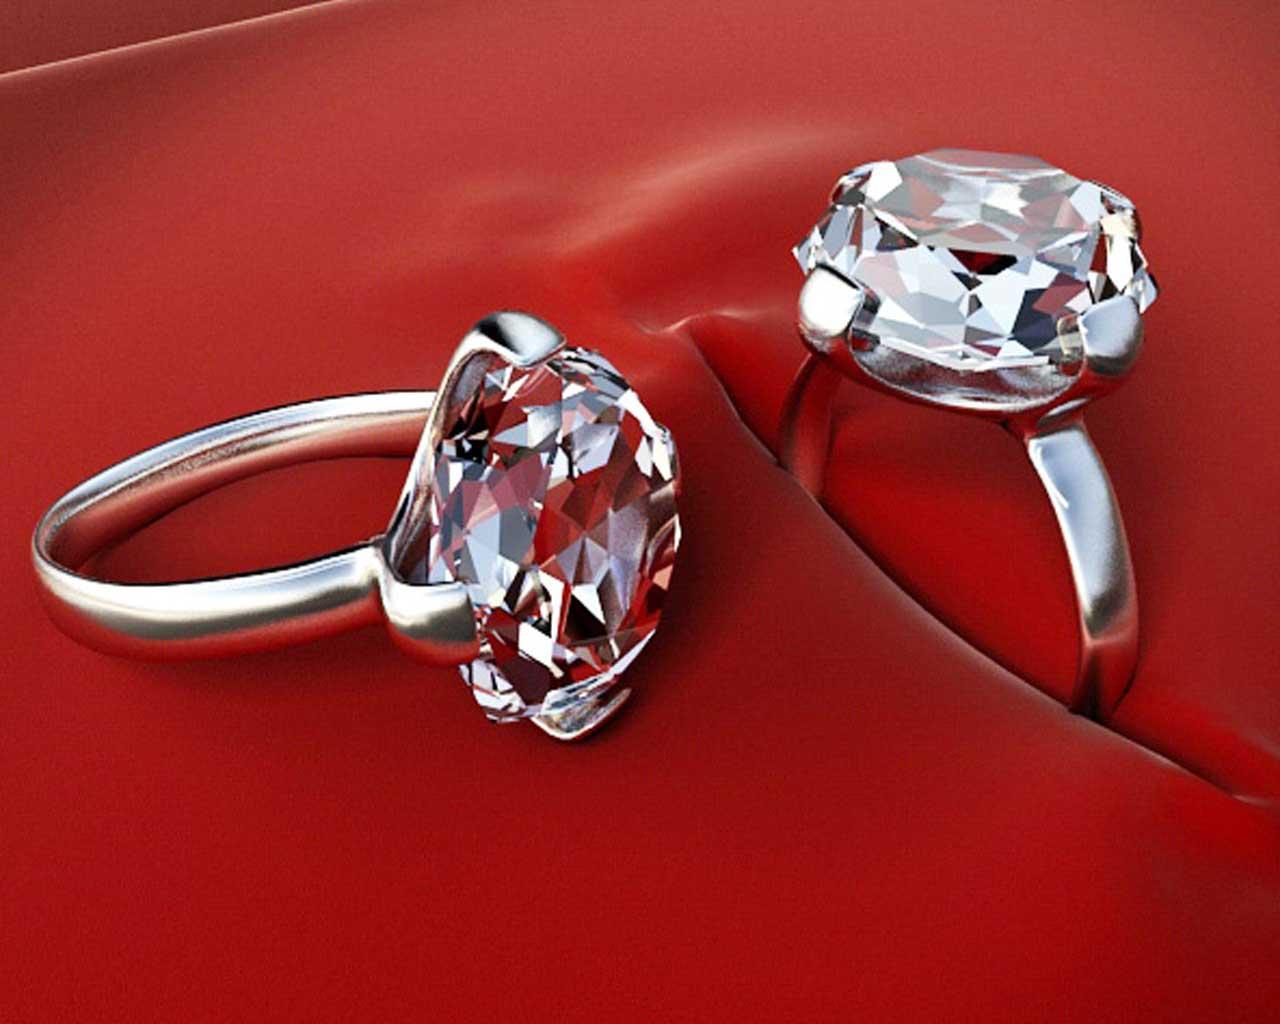 بازار کار طراحی طلا و جواهر چطوره